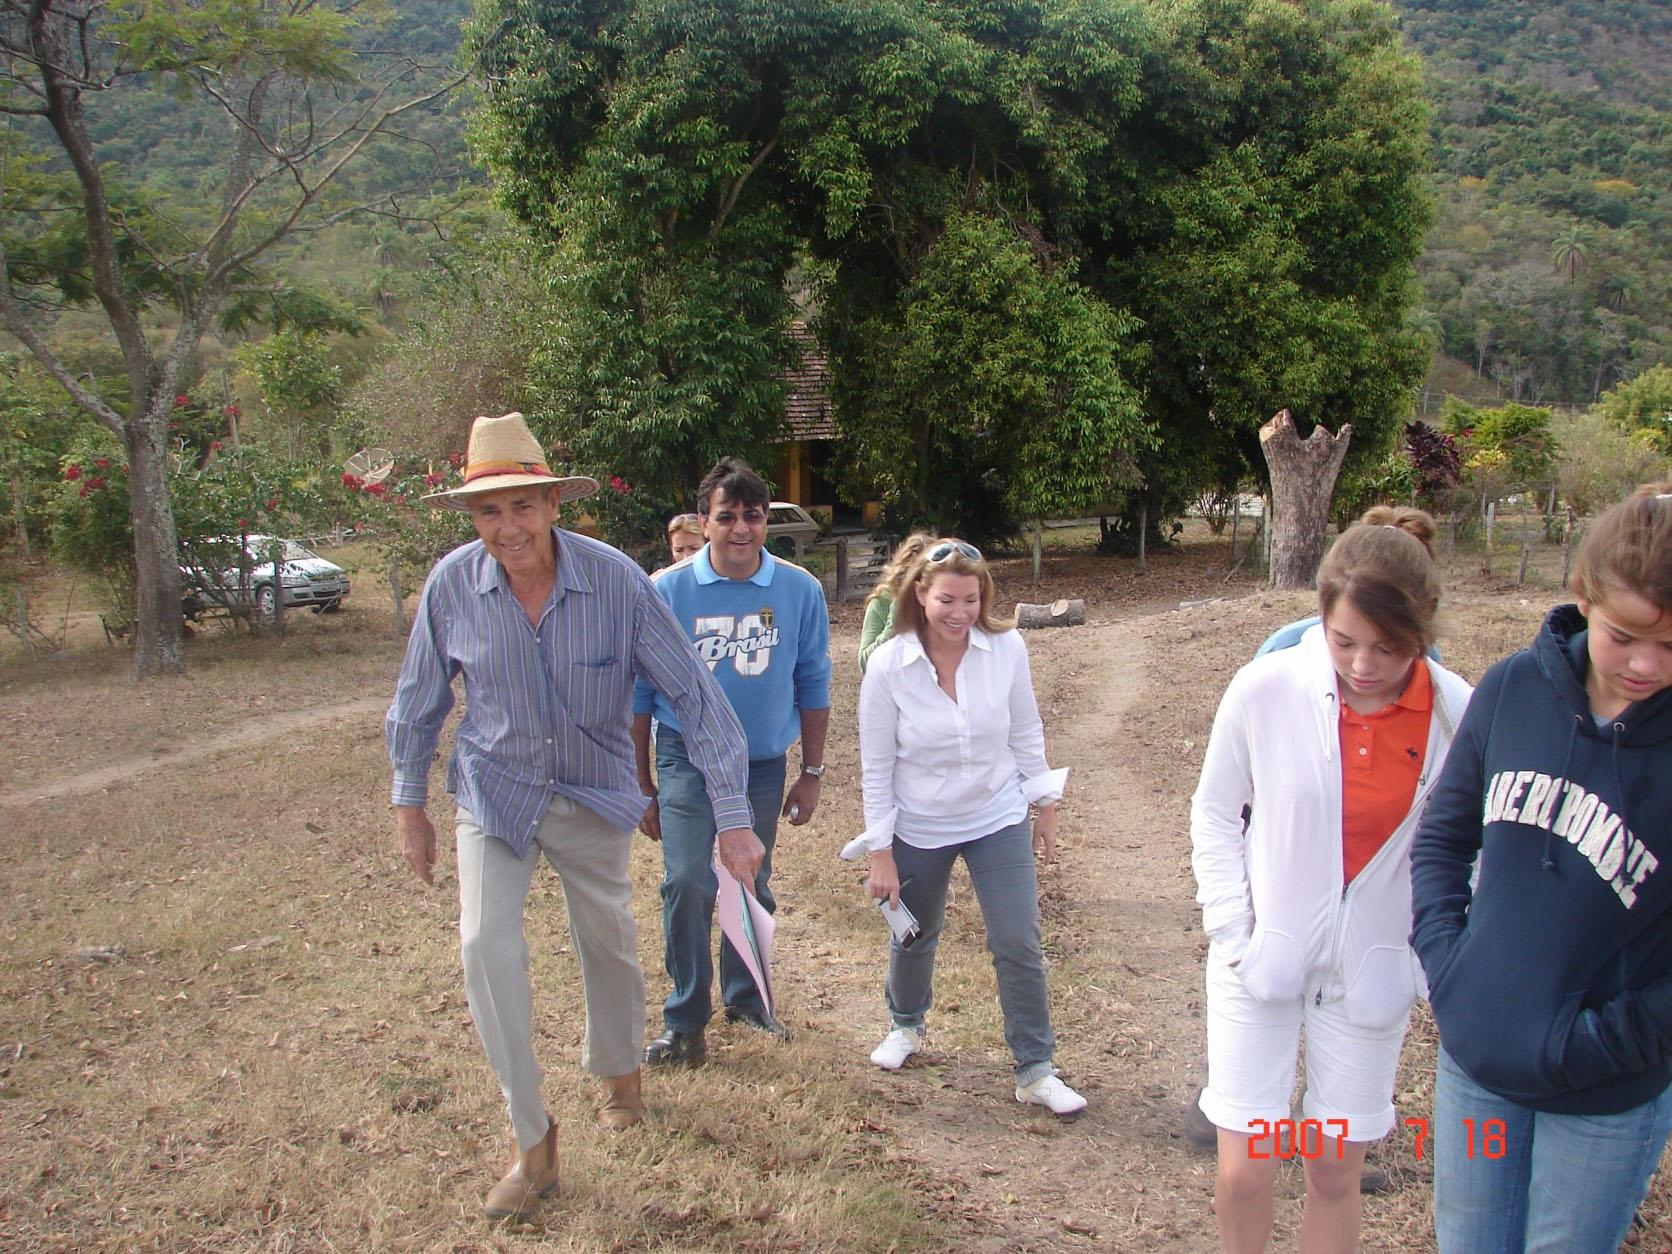 Brazil-Mission-Trip-07-13-2007-315